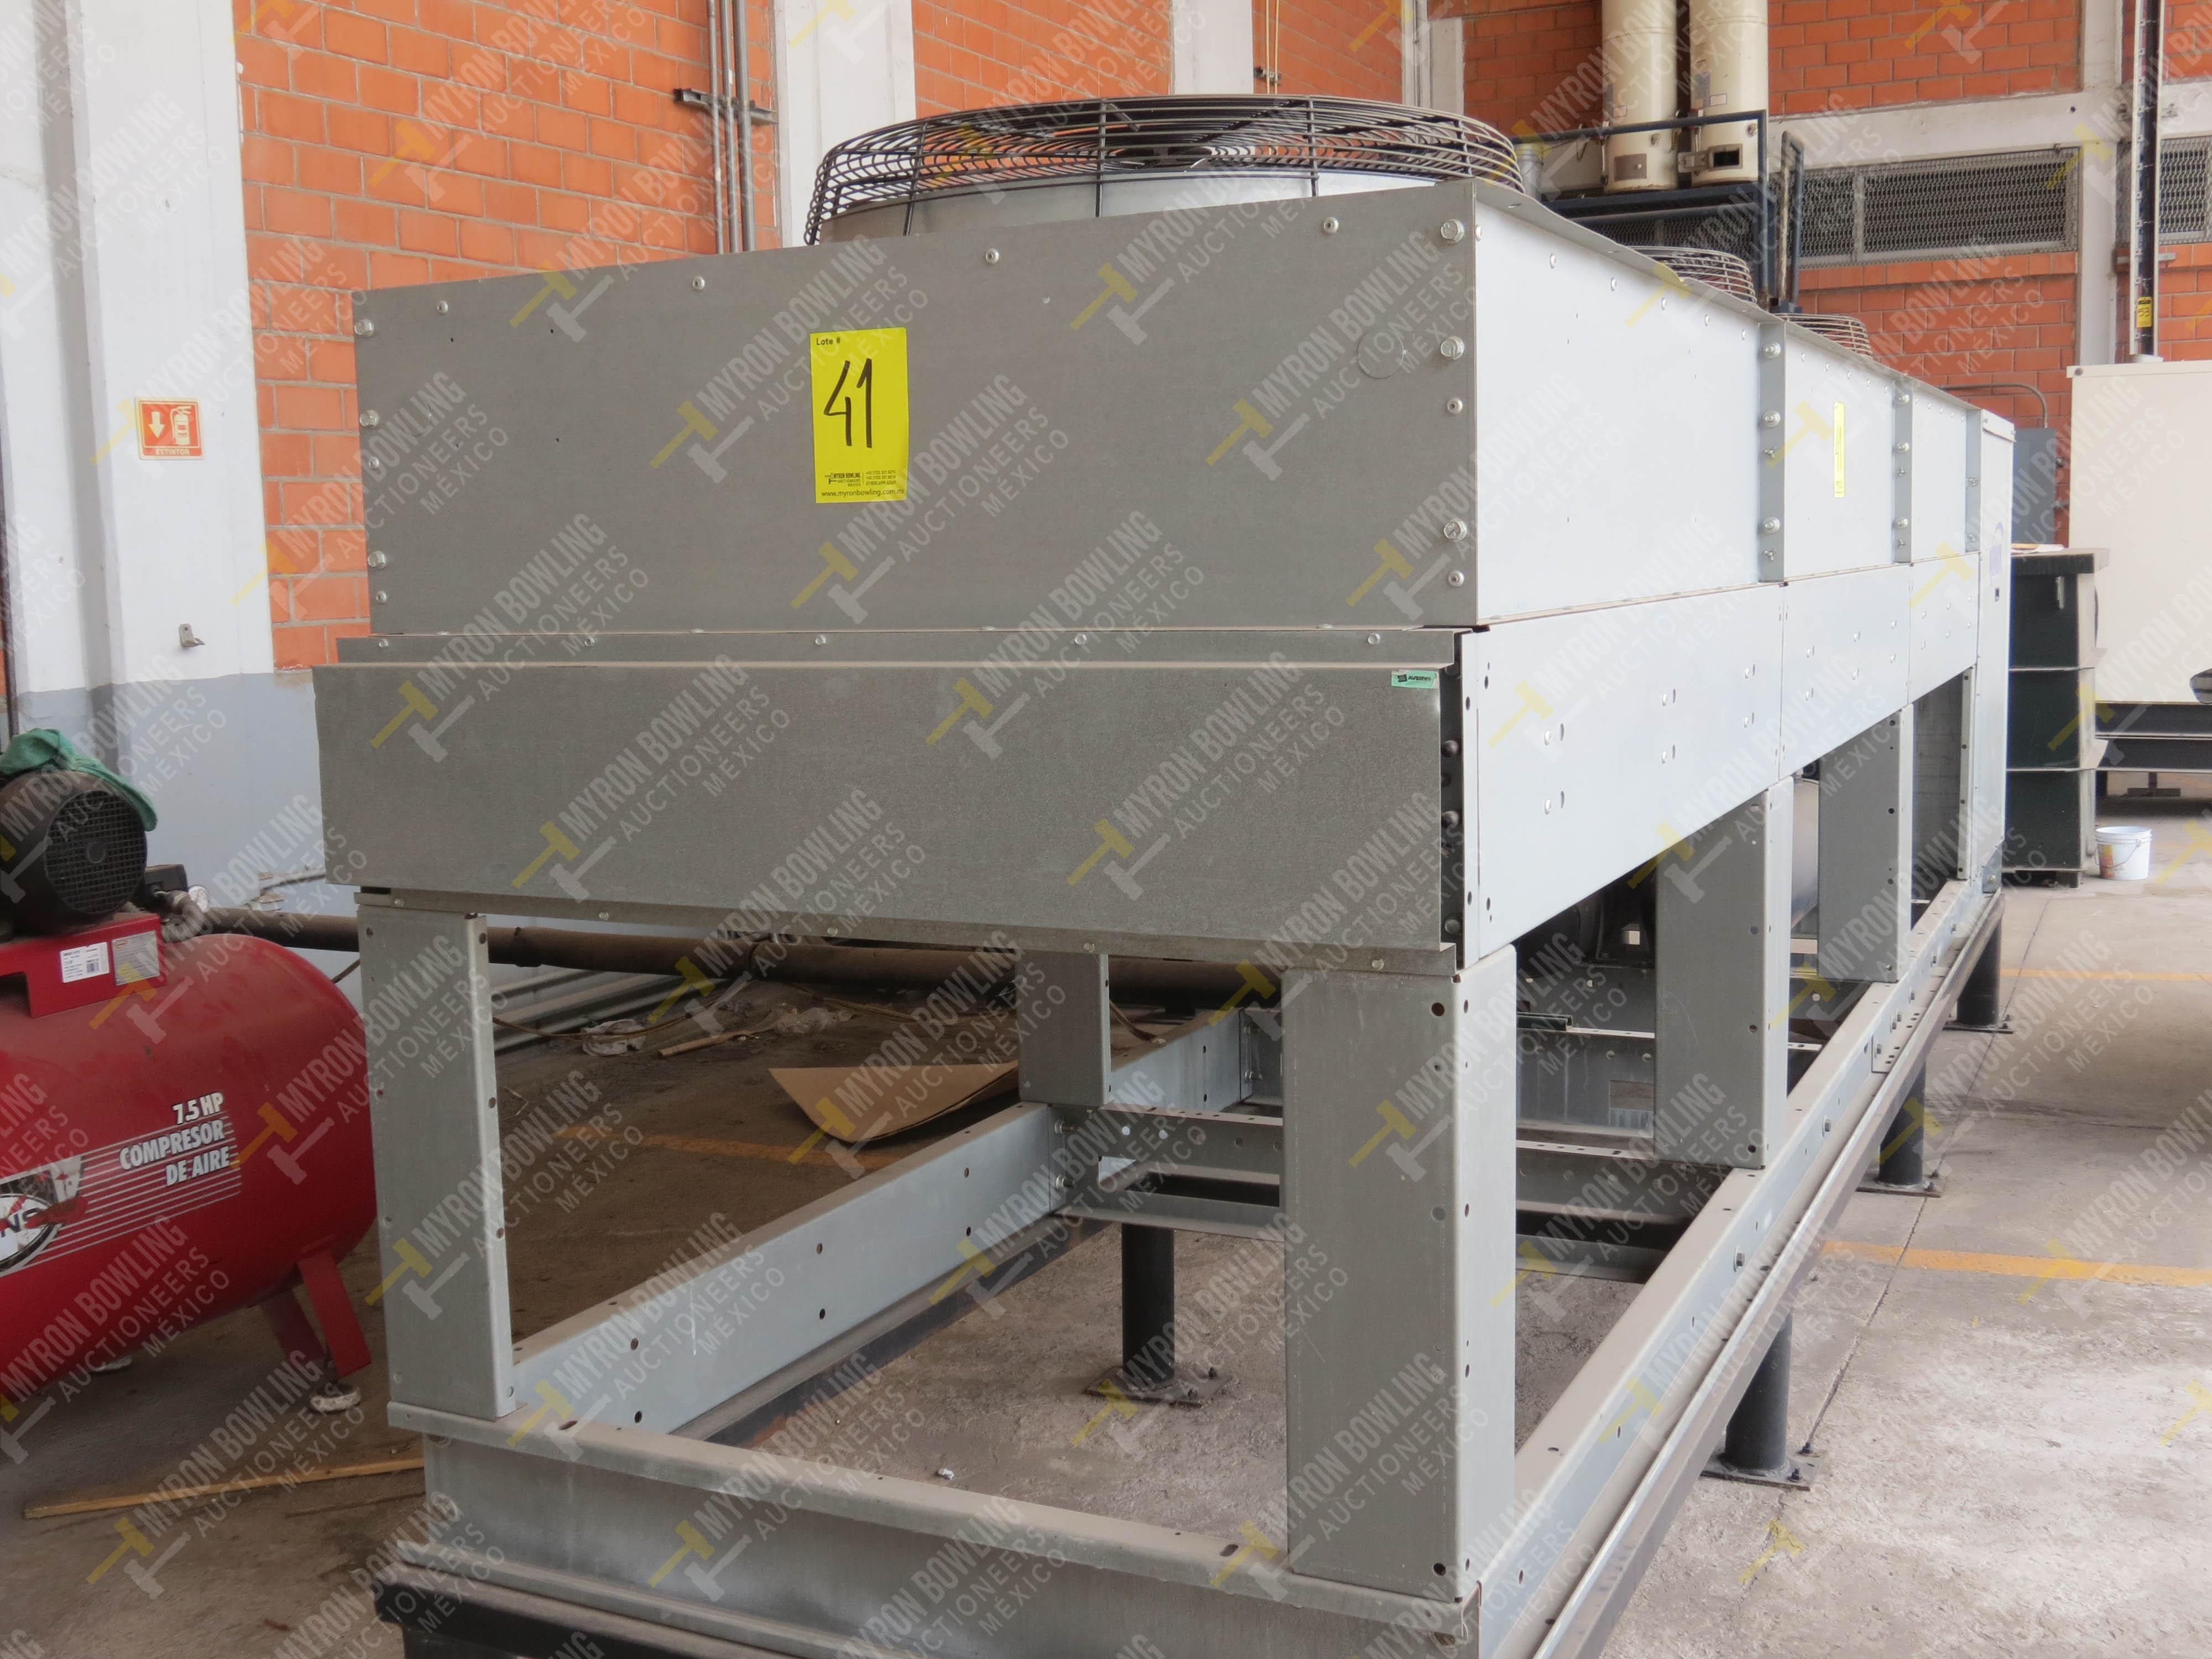 Cámara de refrigeración marca Krack, Modelo CSD-0301-L4K-133DD medidas 6.80 x 13.30 x 5.80 - Image 14 of 15